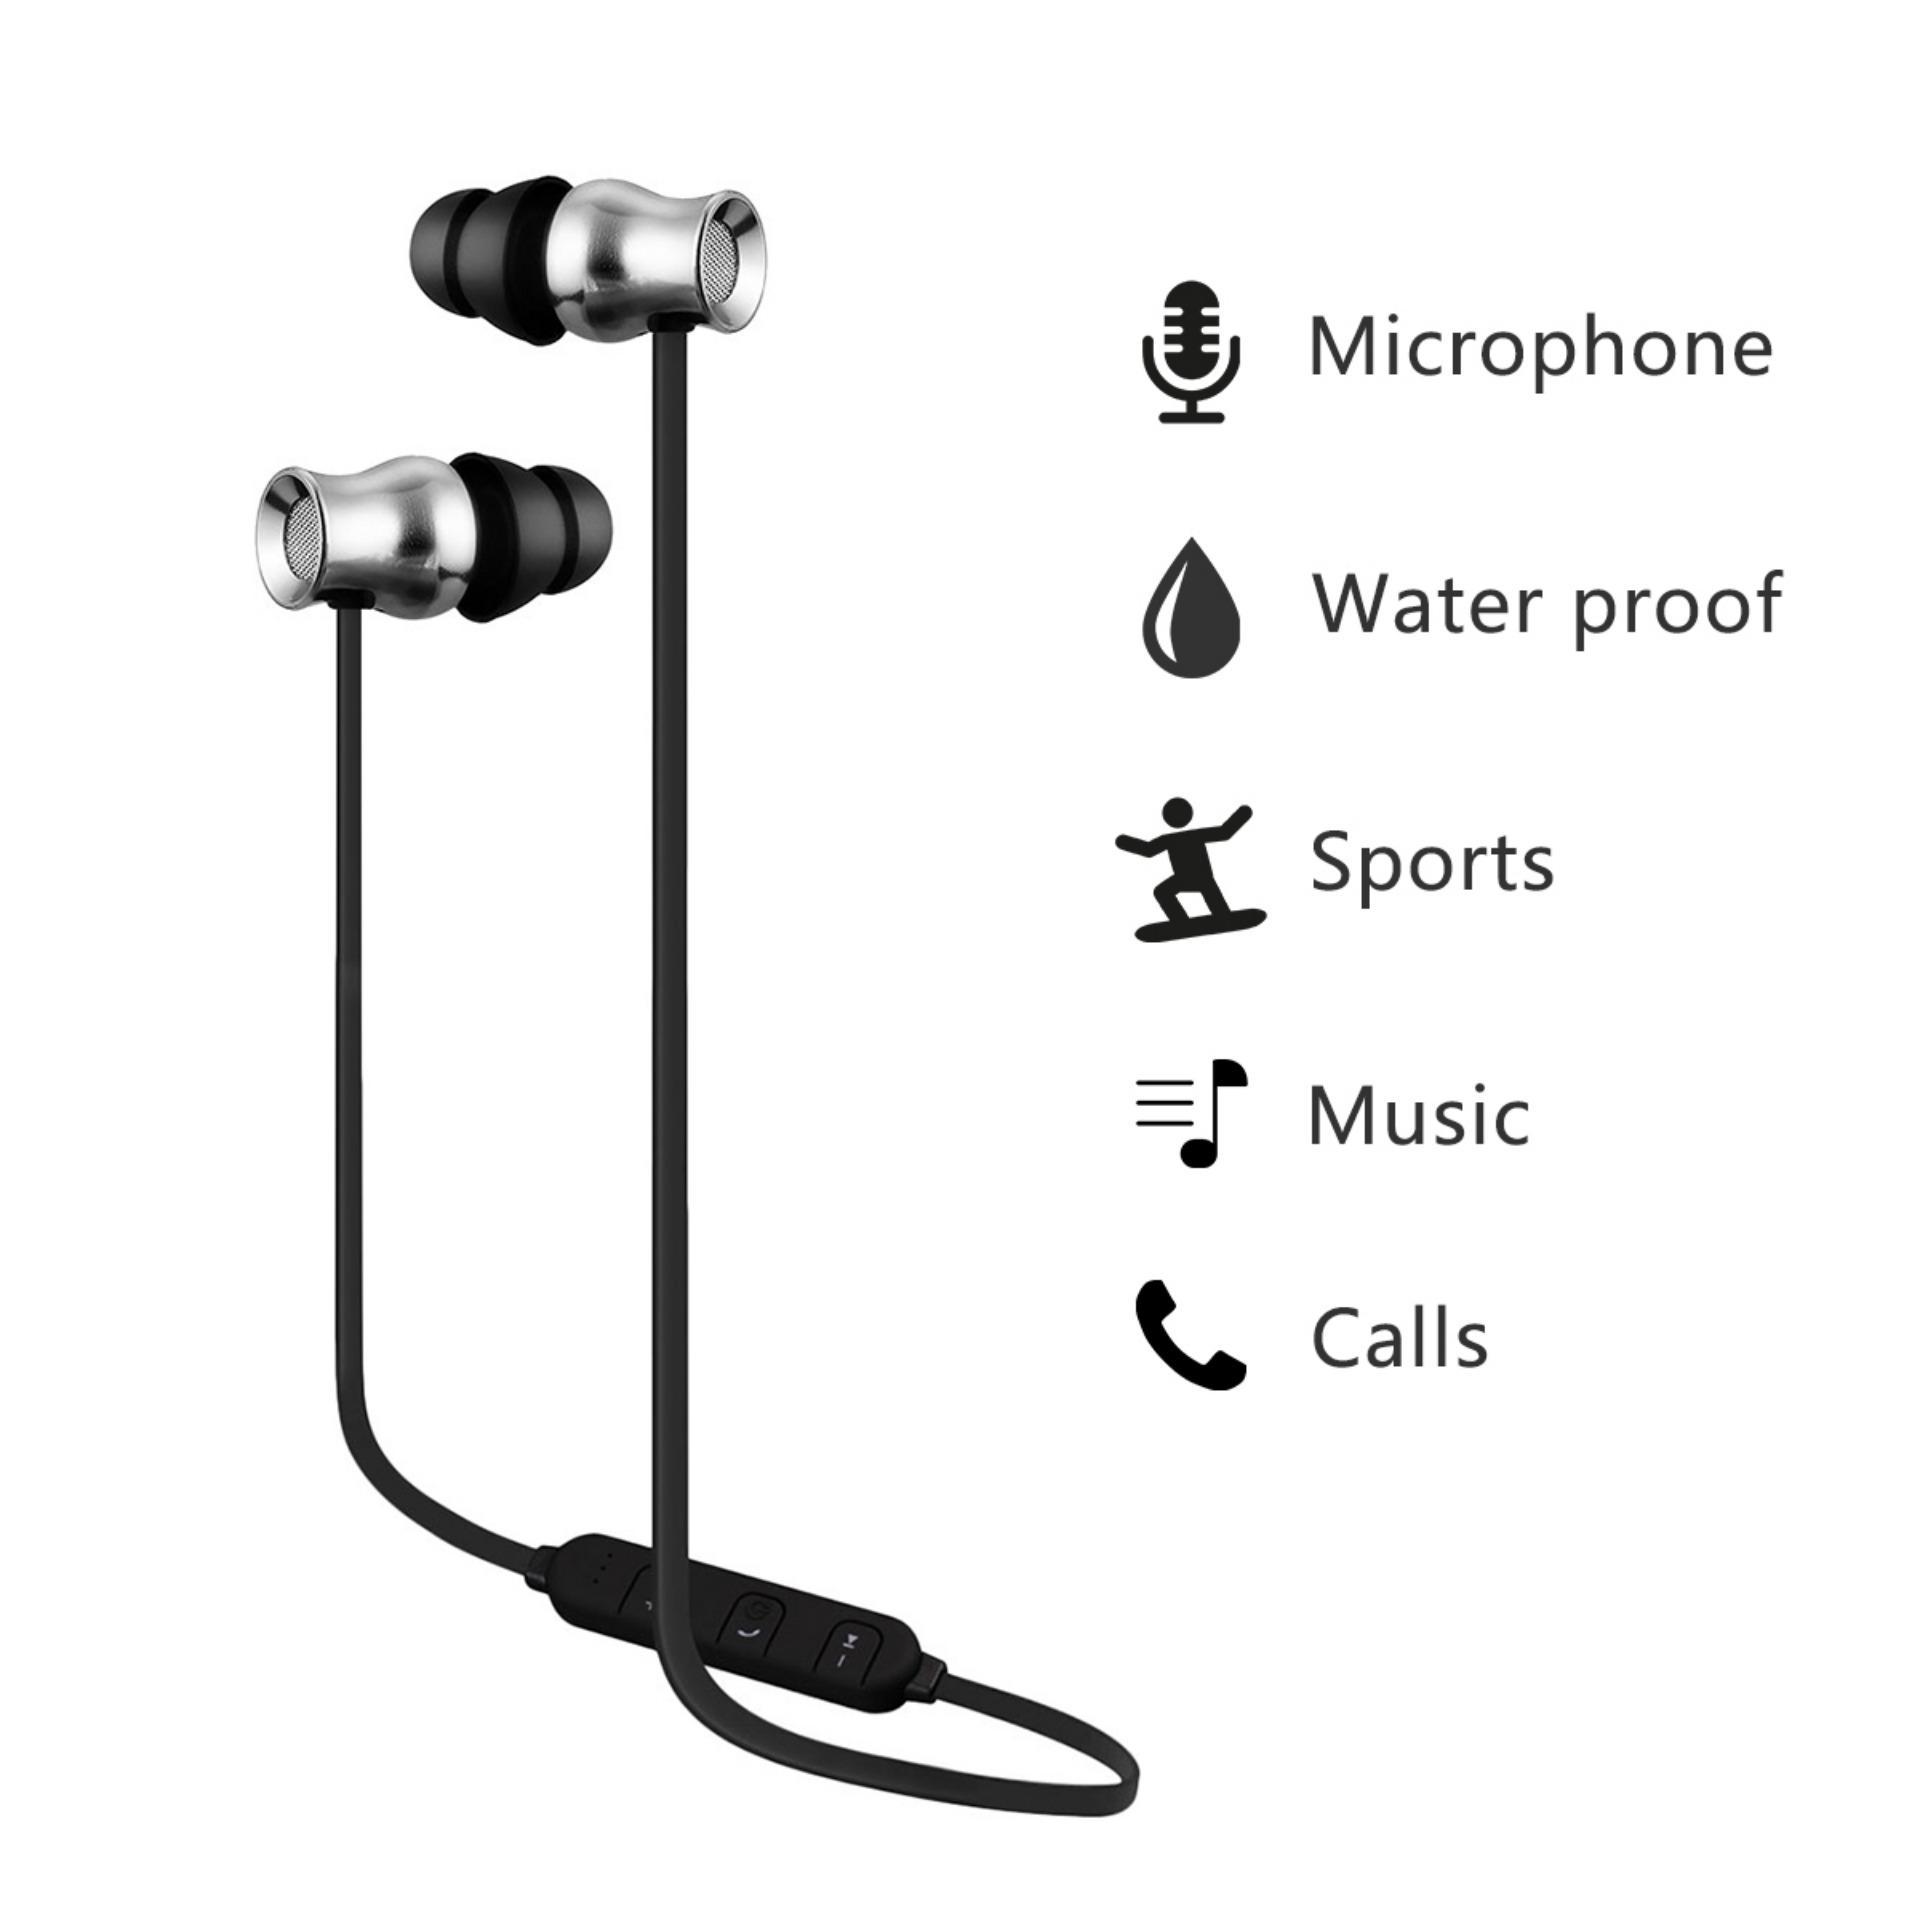 Jual Excelvan Bth 829 Bluetooth V4 1 Kebisingan Membatalkan In Ear Headphone Dengan Mikrofon Hitam Abu Abu Online Tiongkok